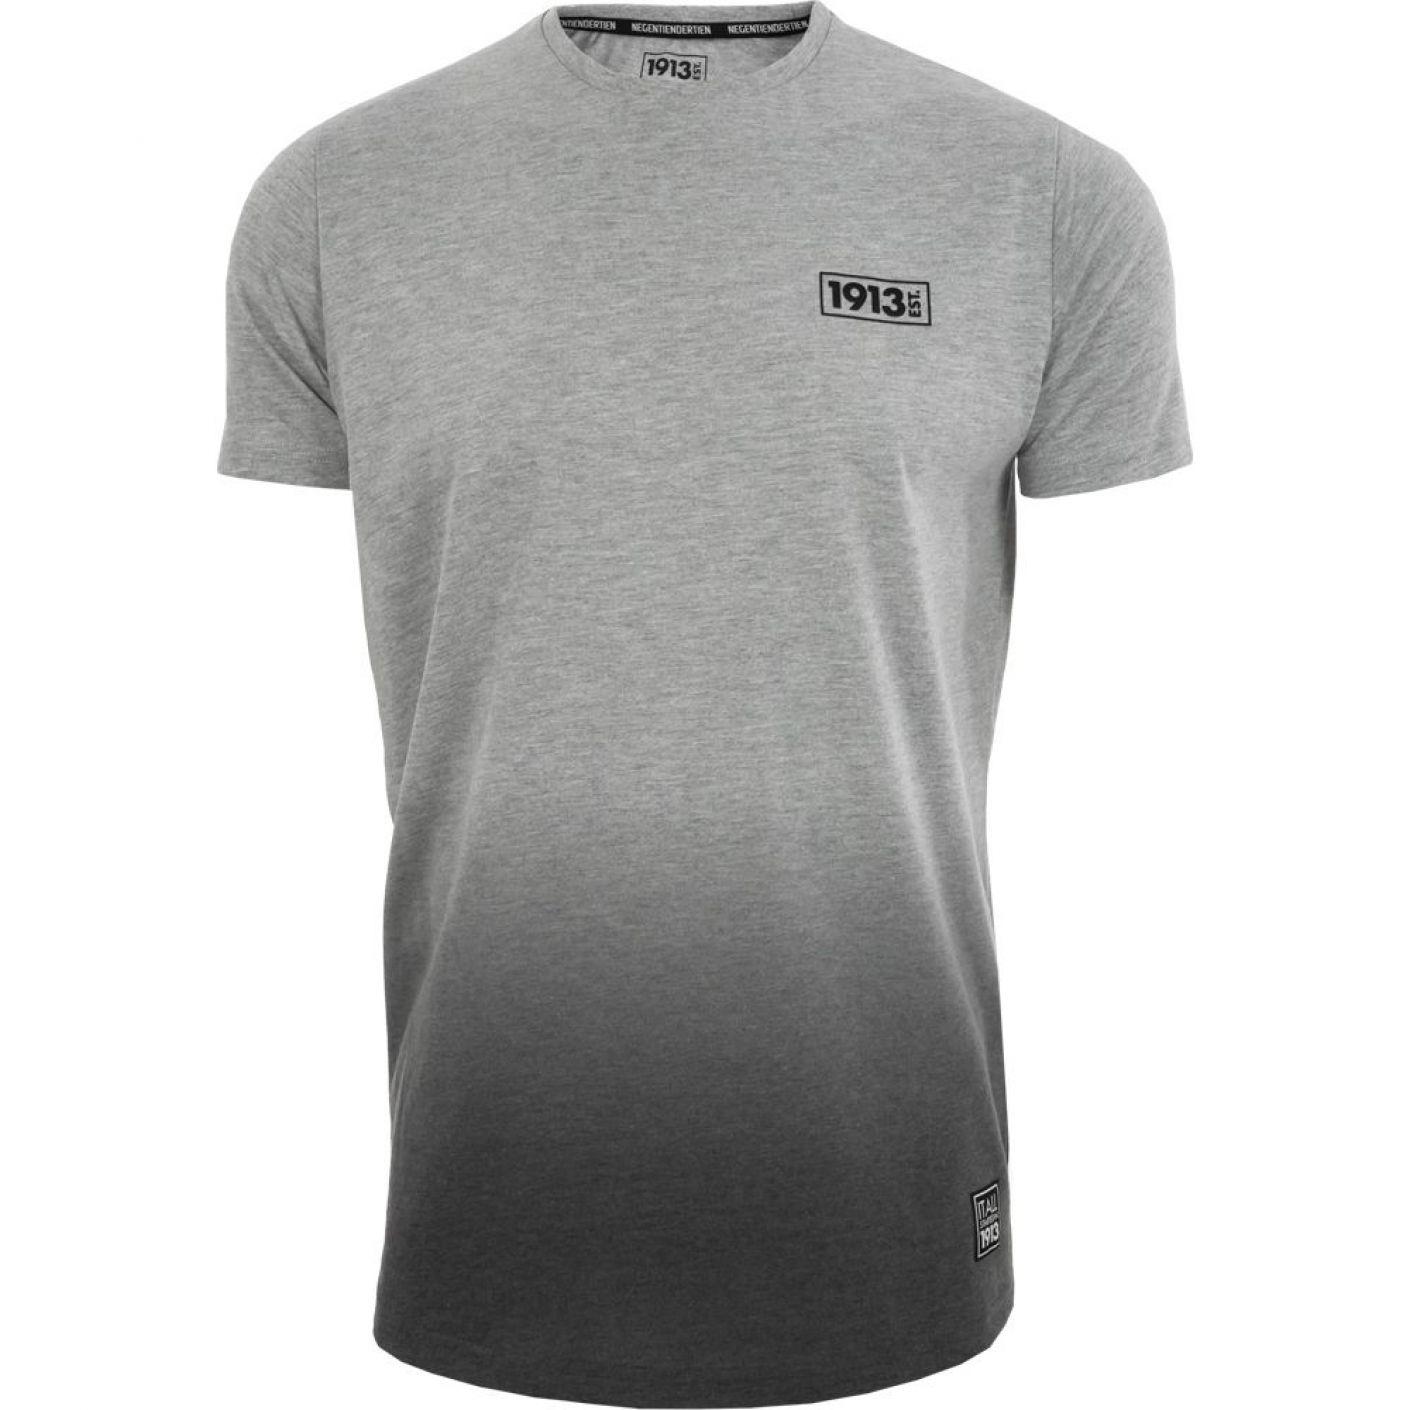 1913 T-shirt Fade Out grijs